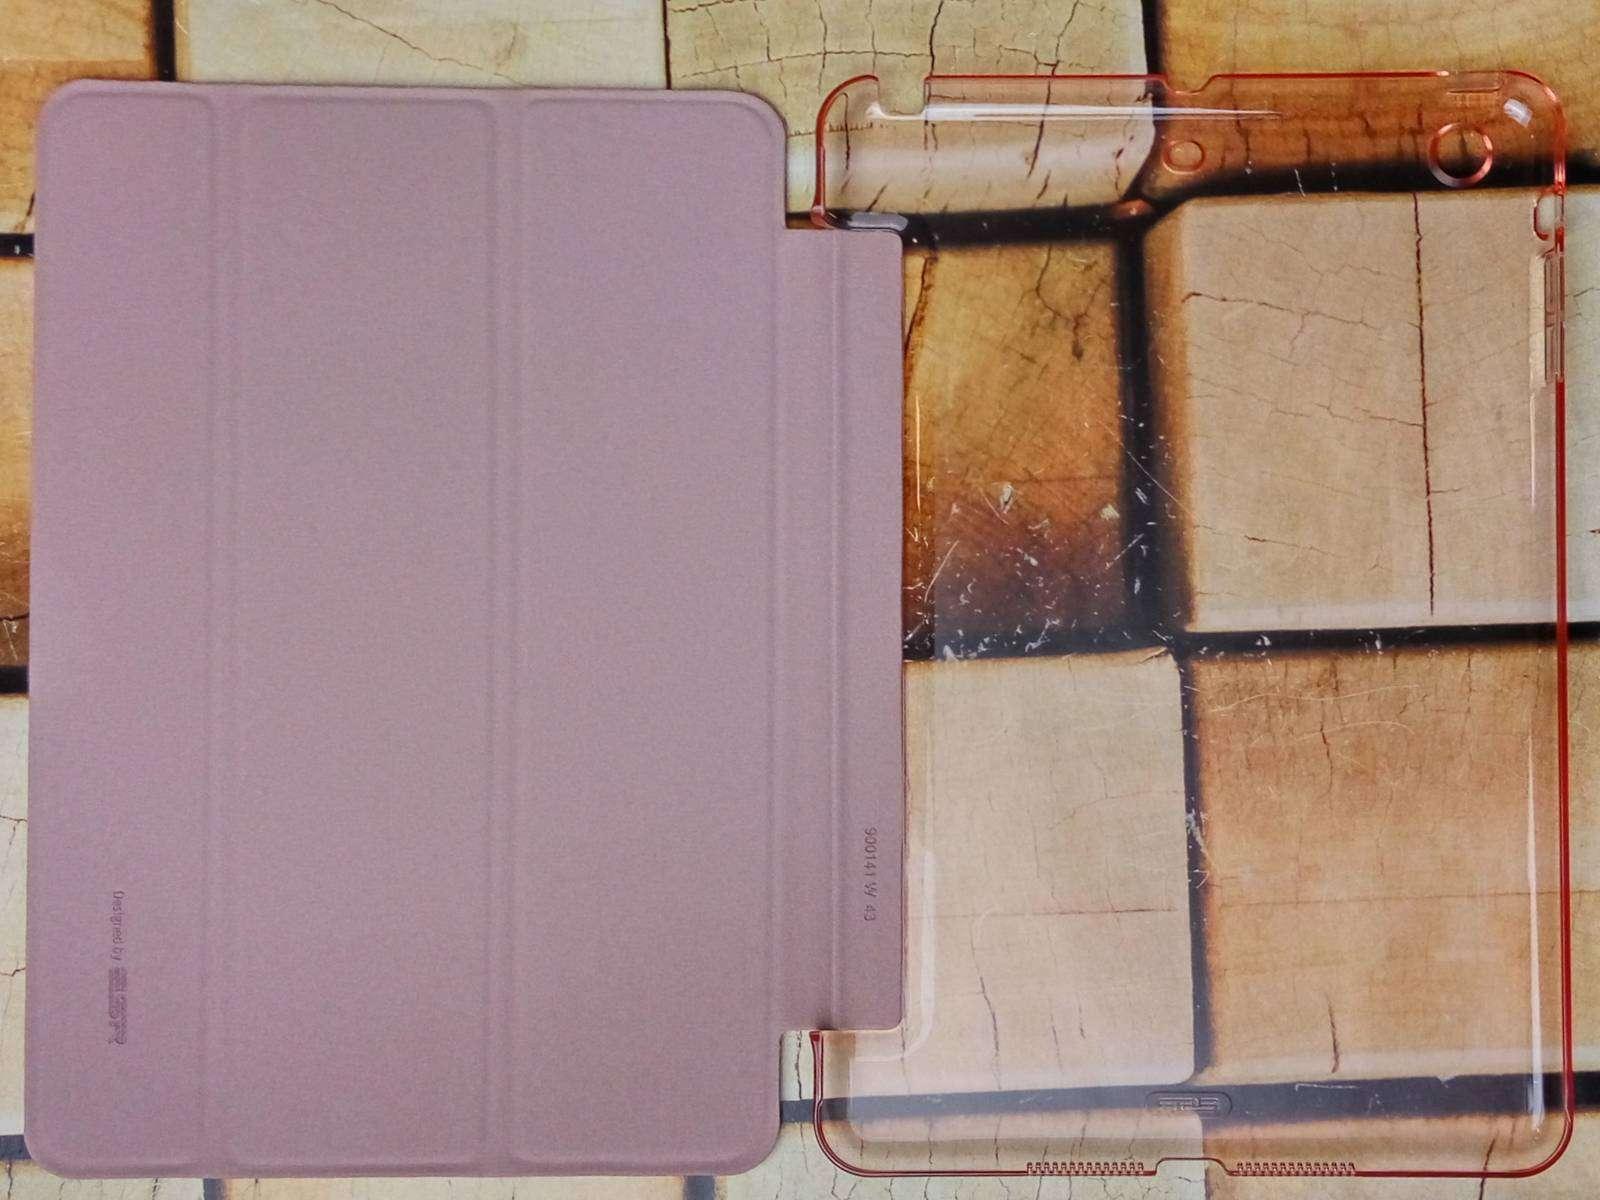 Aliexpress: Чехол для ipad mini с магнитной складывающейся крышкой